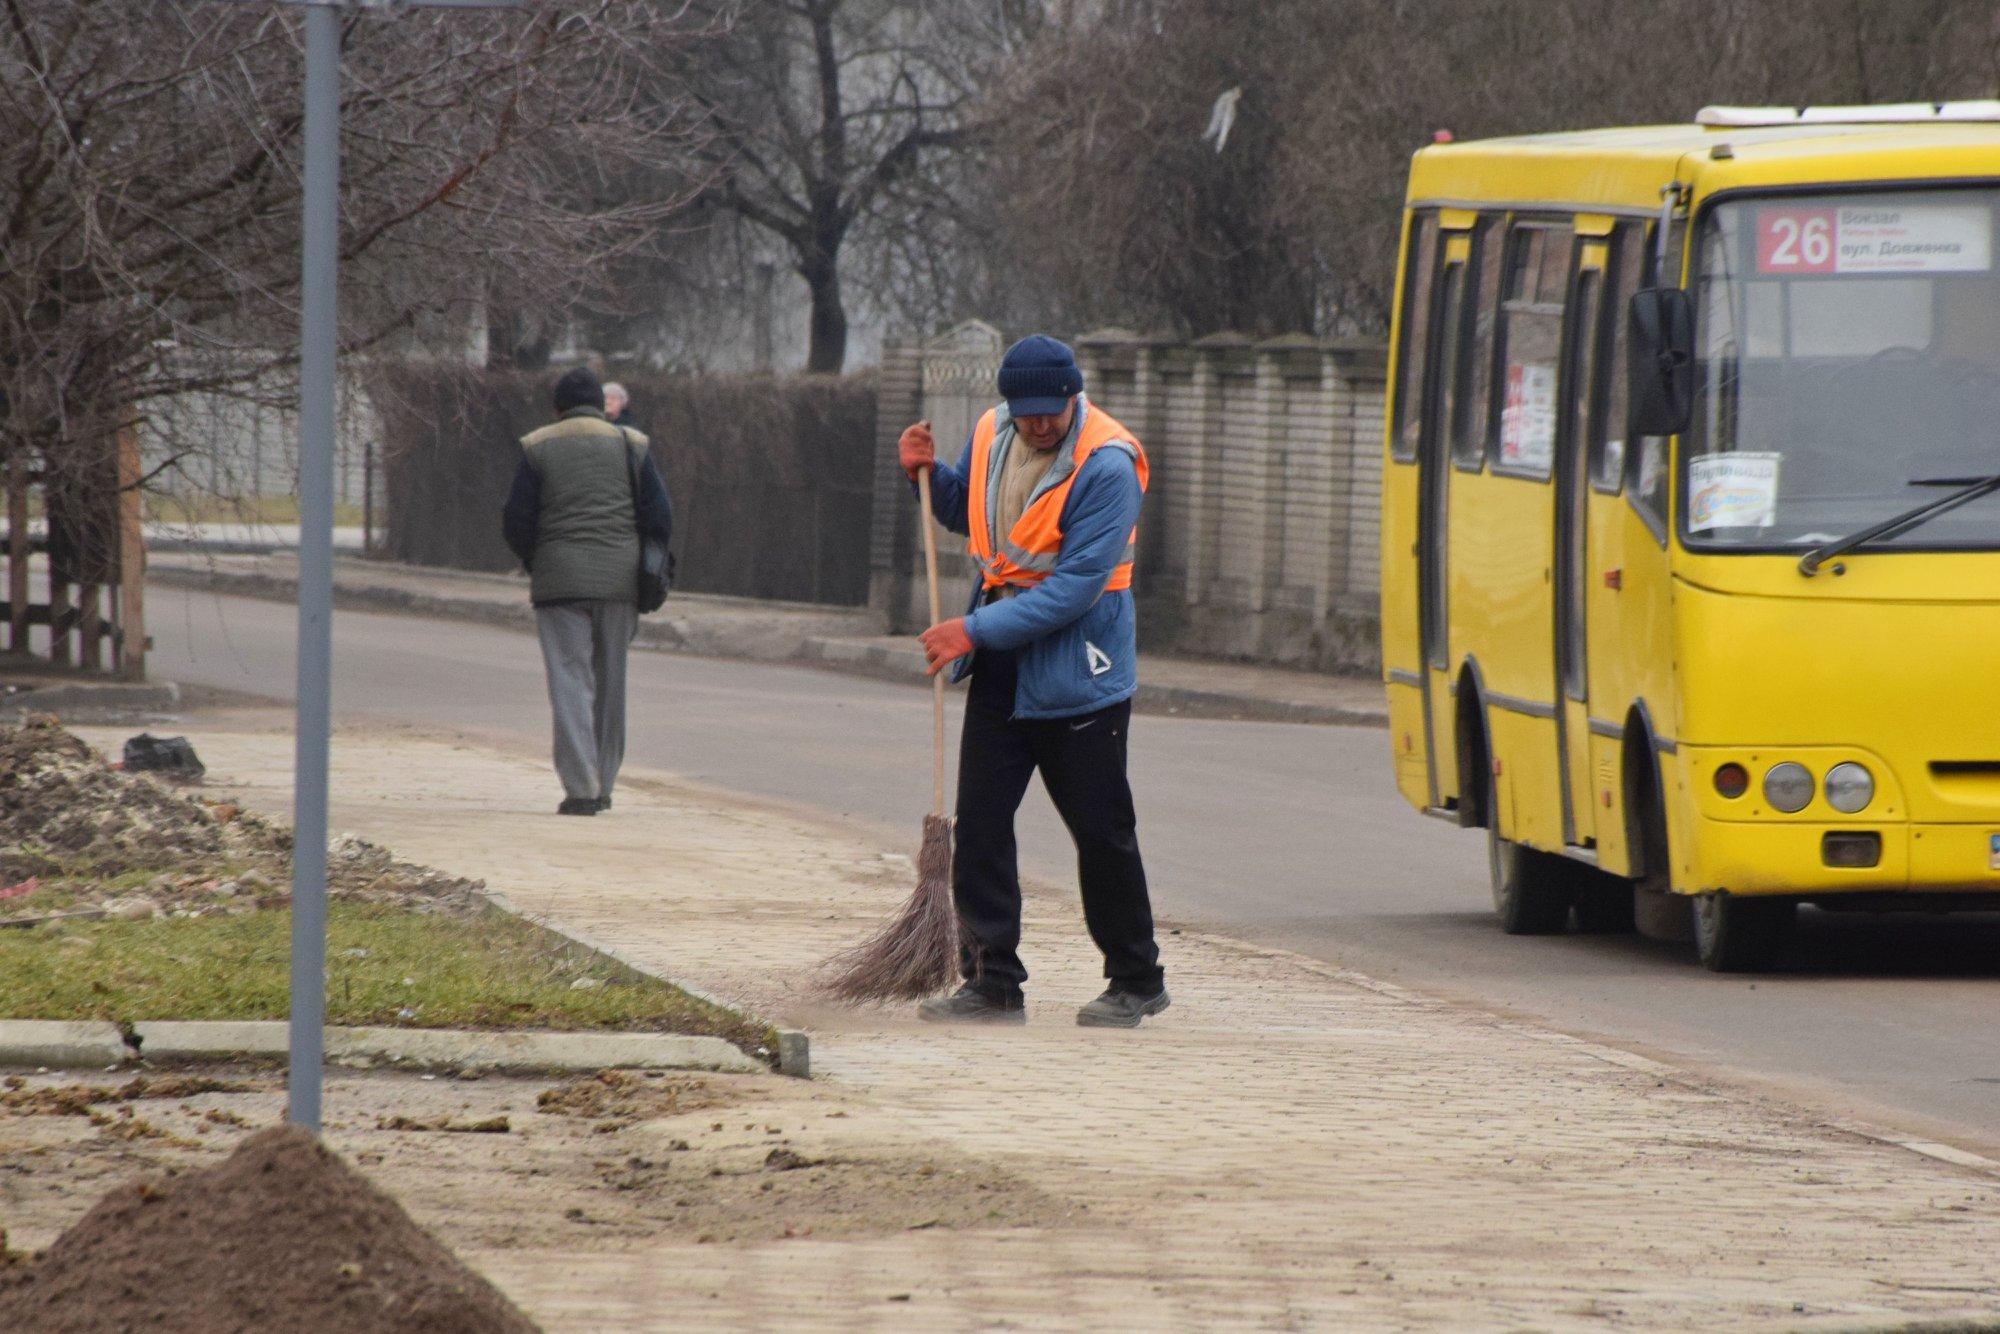 У Івано-Франківську комунальні підприємства шукають працівників. Зарплата близько 10 тисяч гривень